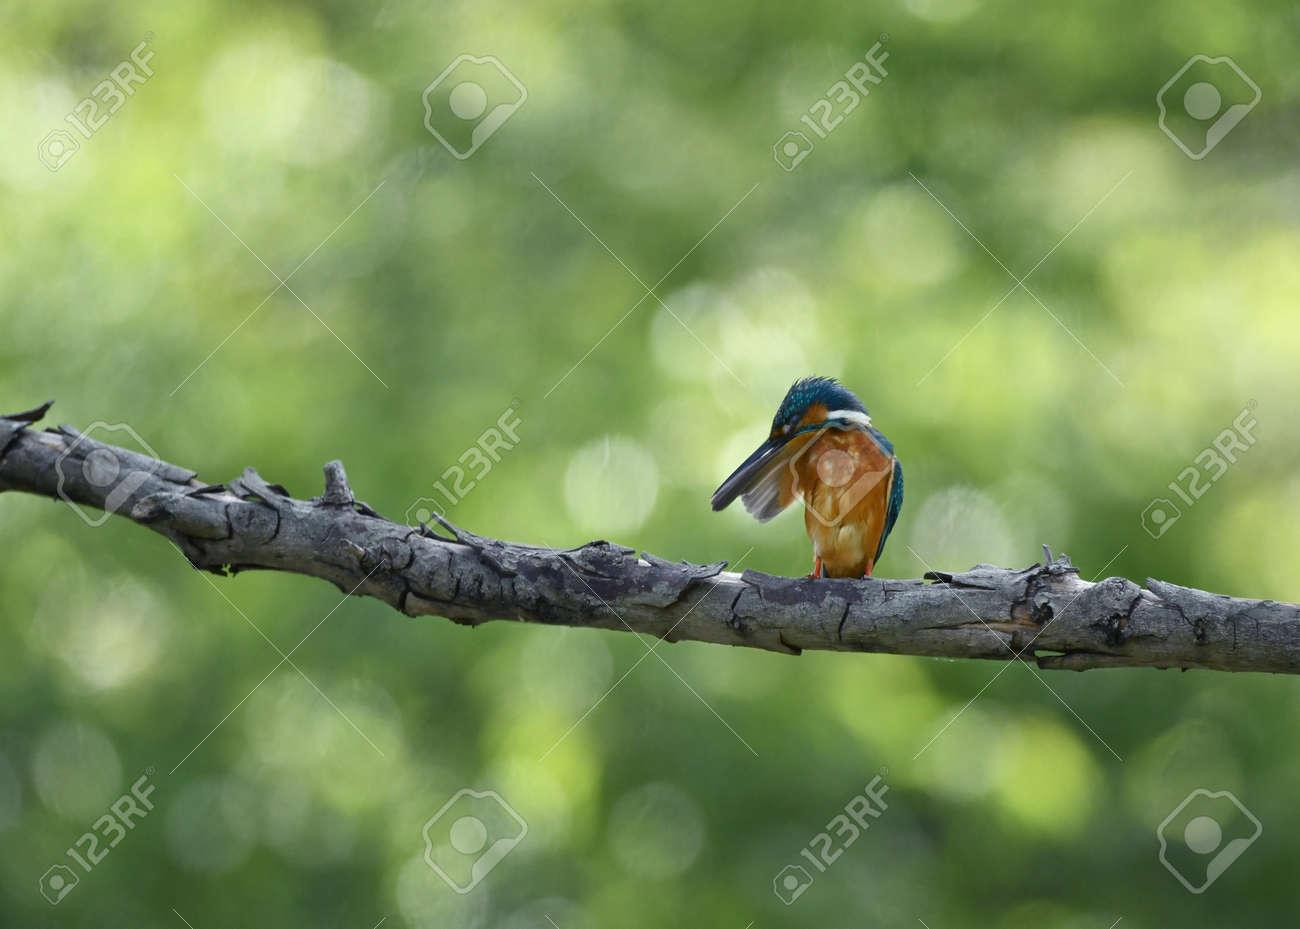 Male kingfisher on a break - 169894019